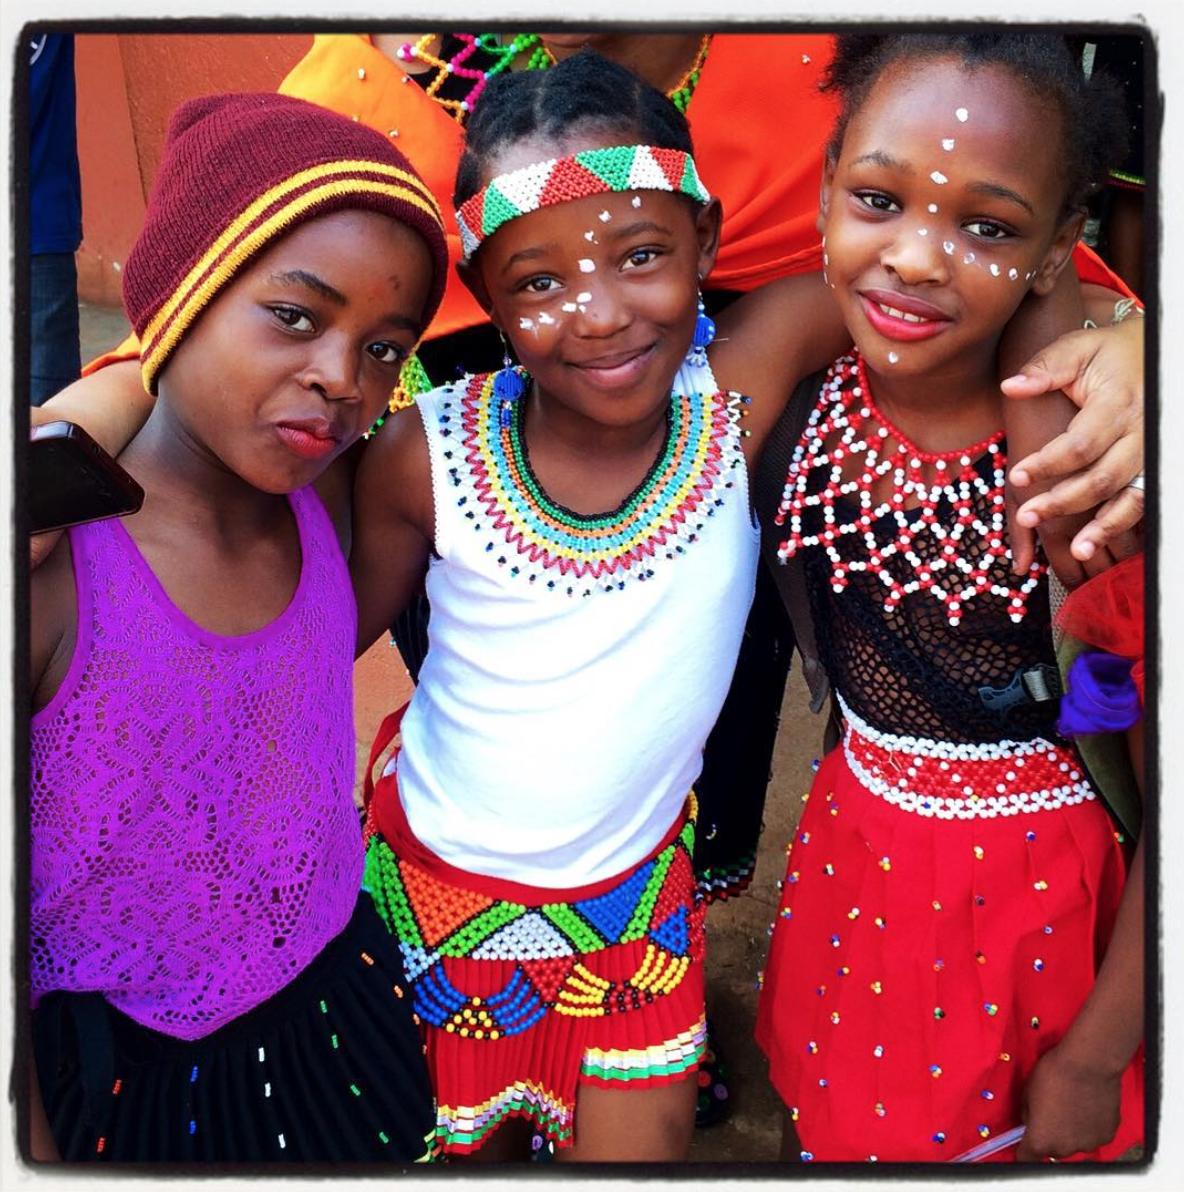 Young nude zulu women #9